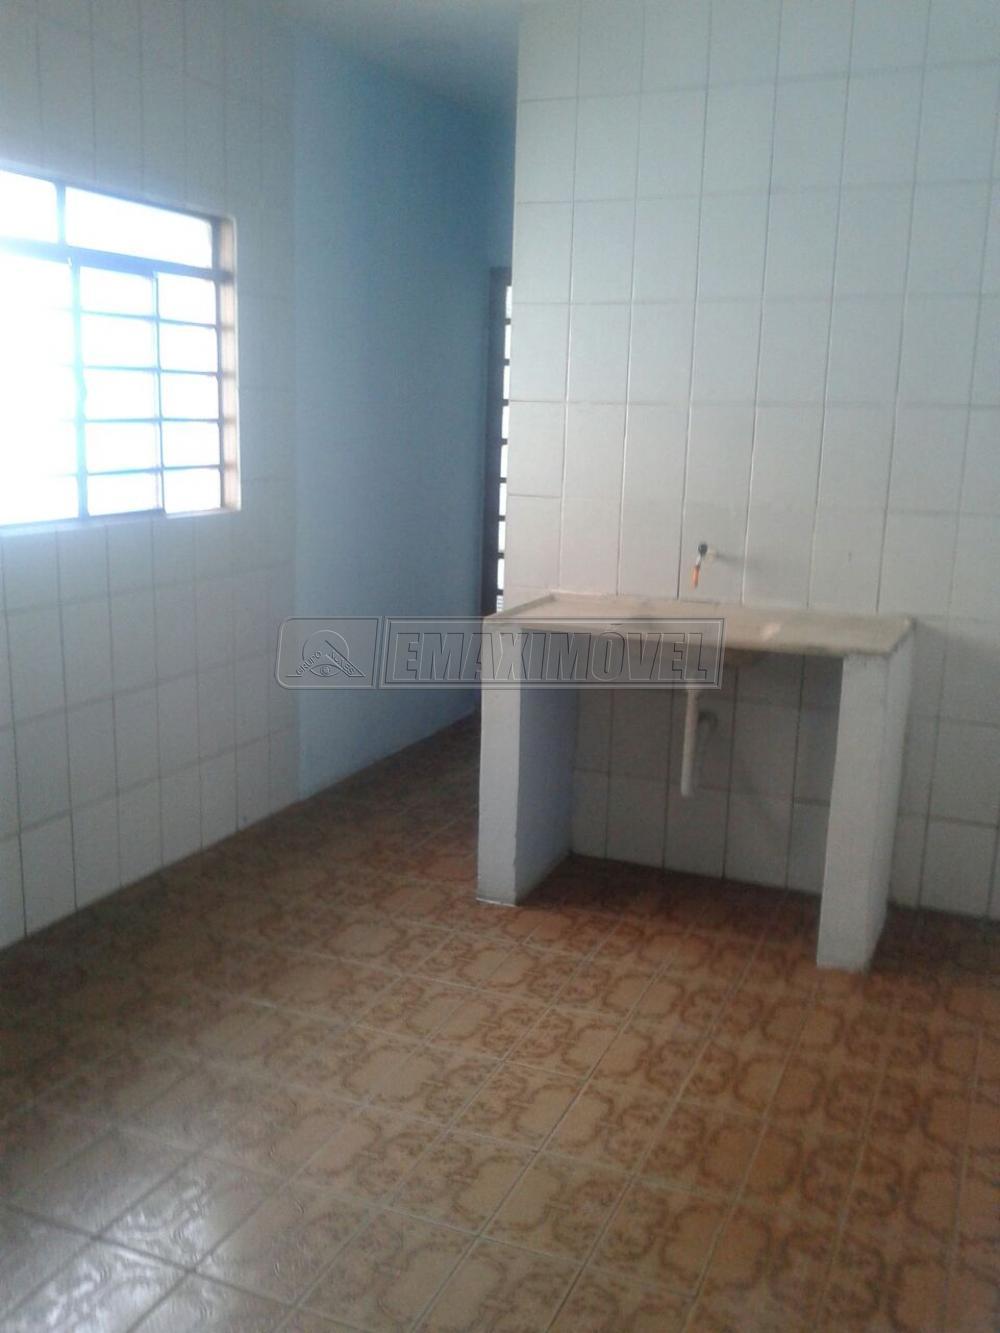 Comprar Casas / em Bairros em Sorocaba apenas R$ 170.000,00 - Foto 3